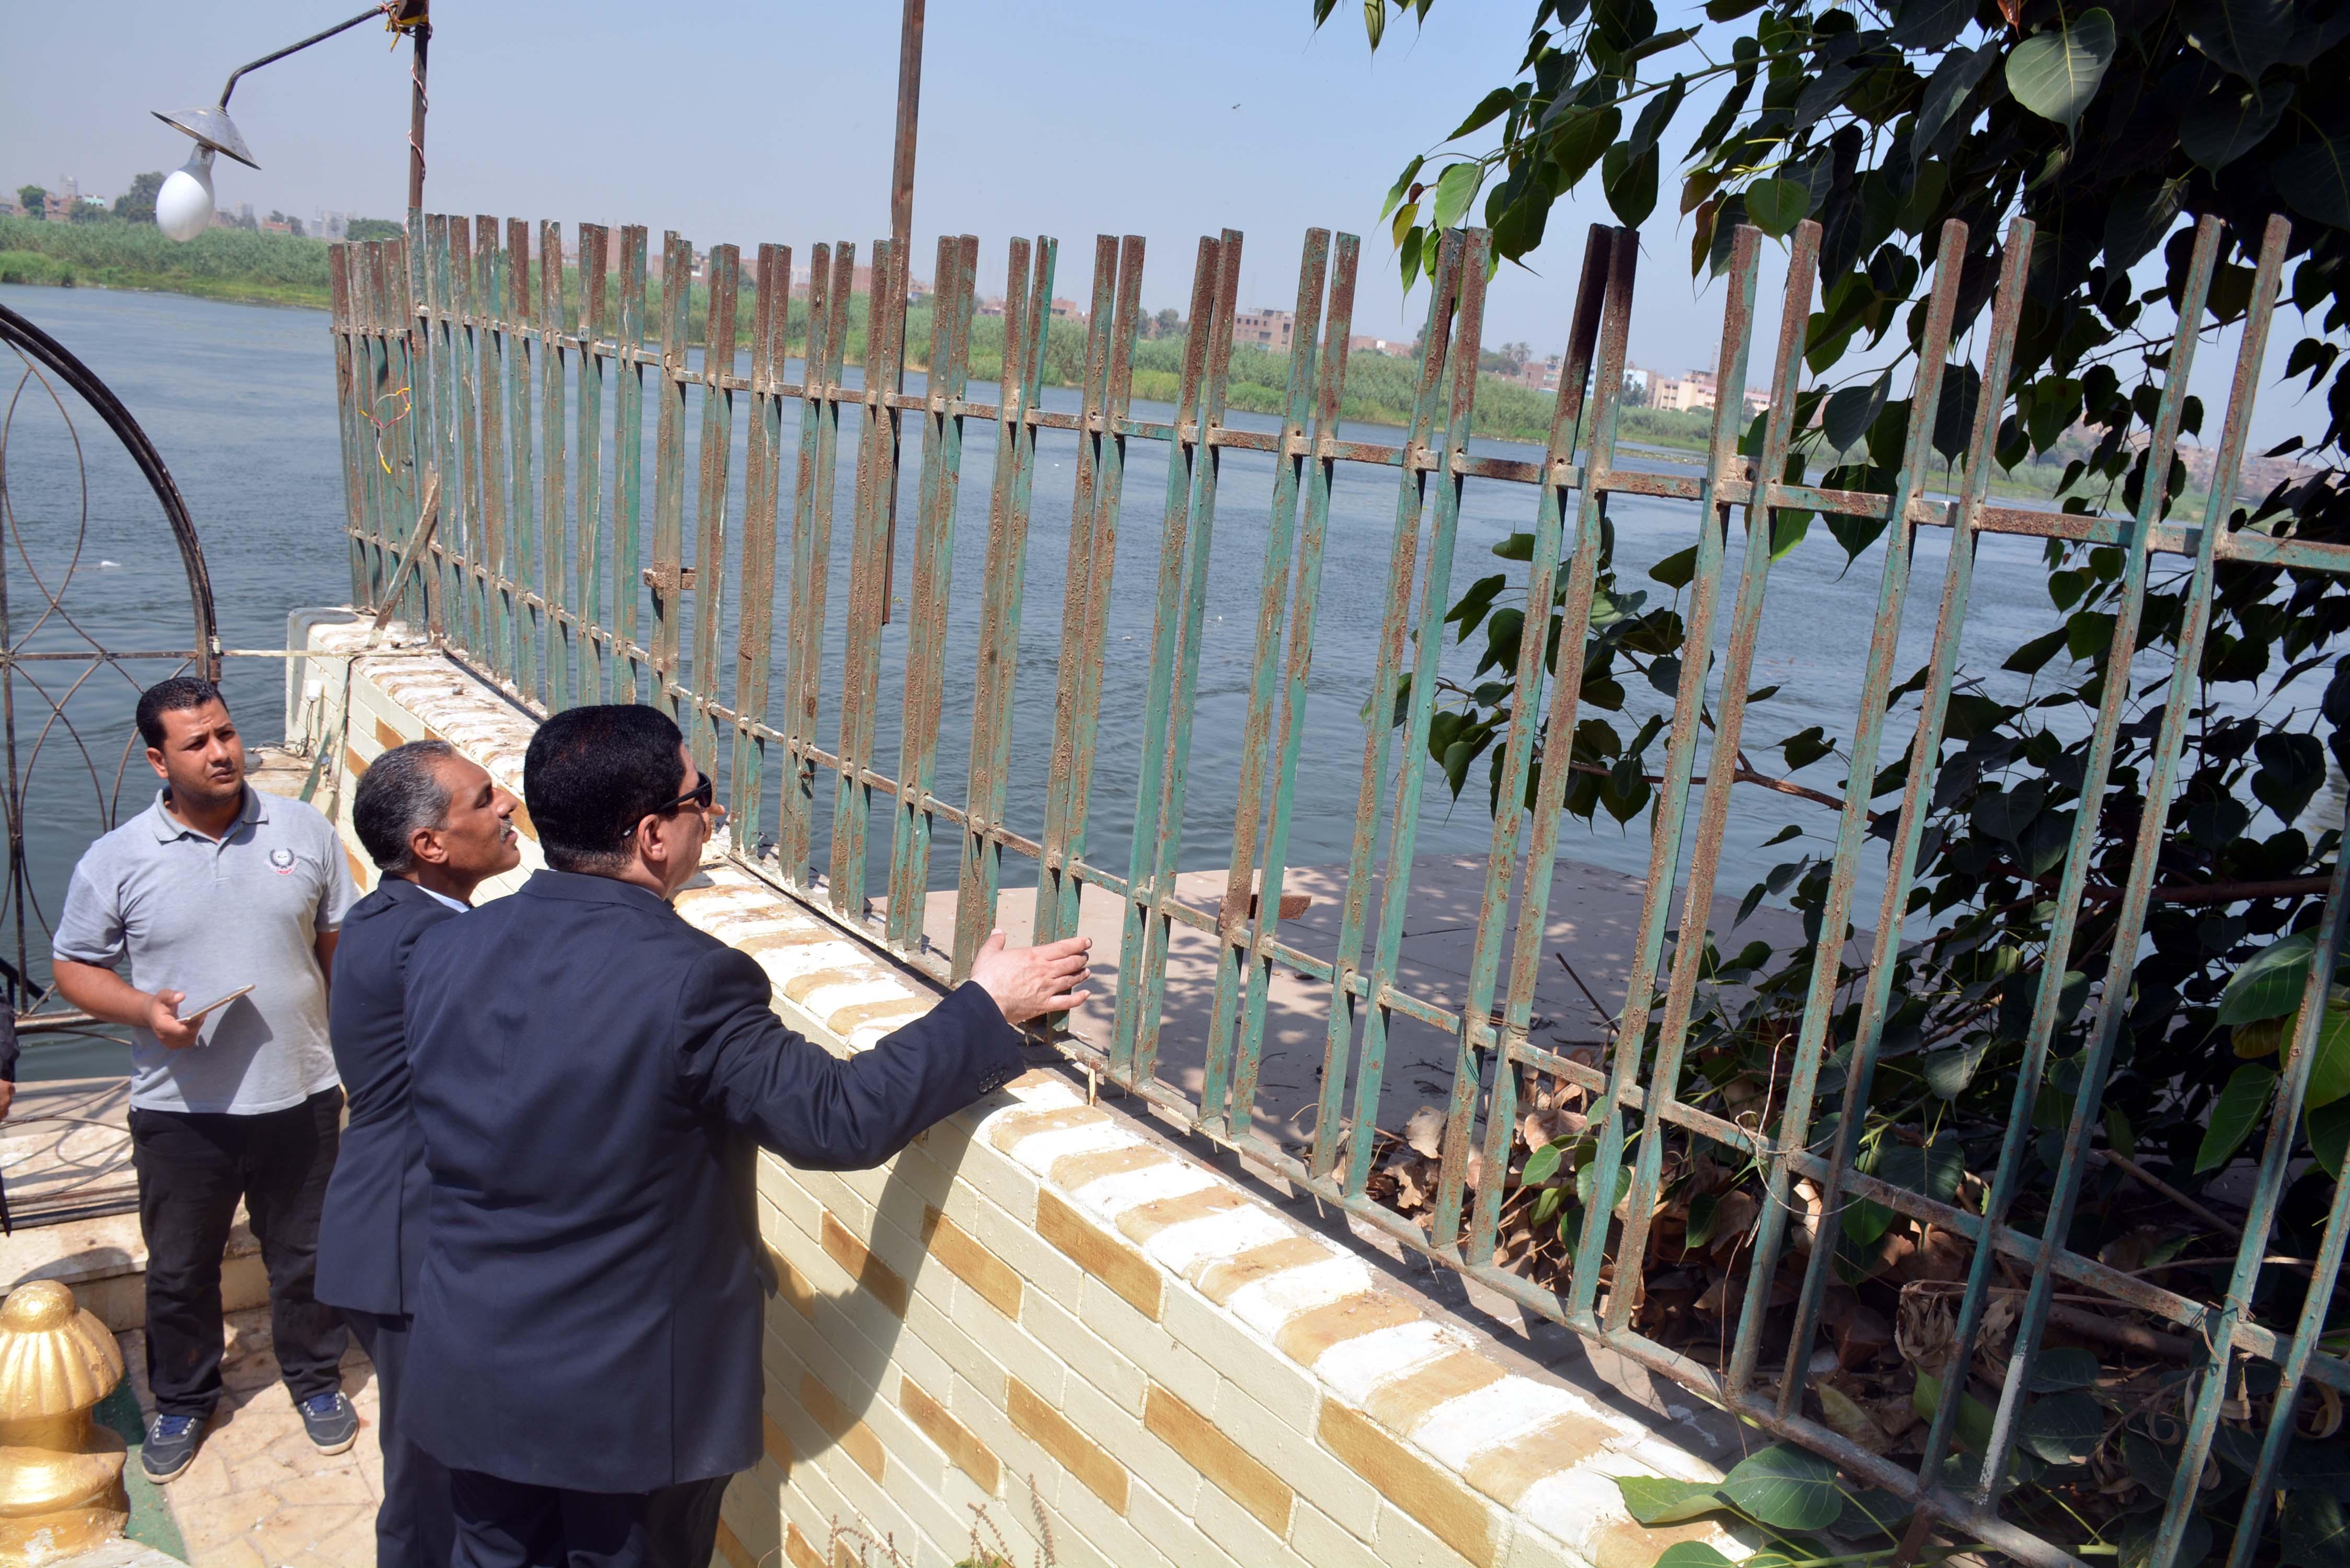 محافظ القليوبية يتفقد أعمال ترميم قصر محمد على بشبرا الخيمة (1)